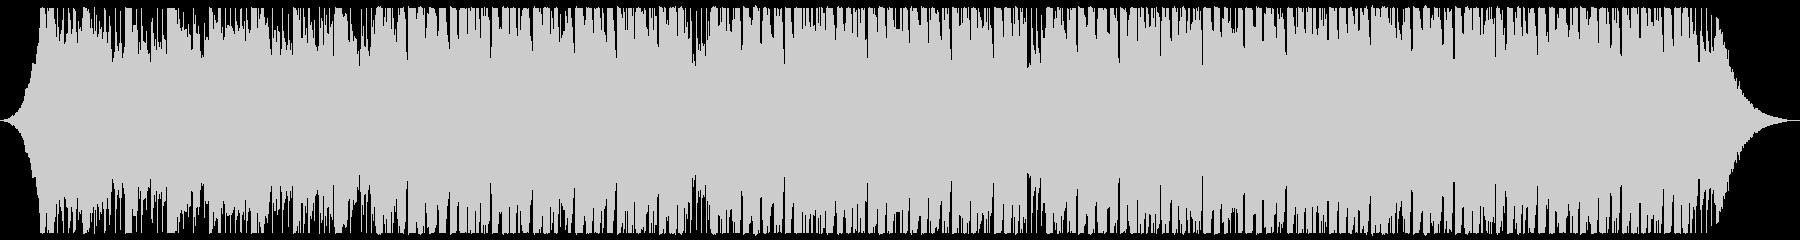 アンビエントミュージック 企業イメ...の未再生の波形